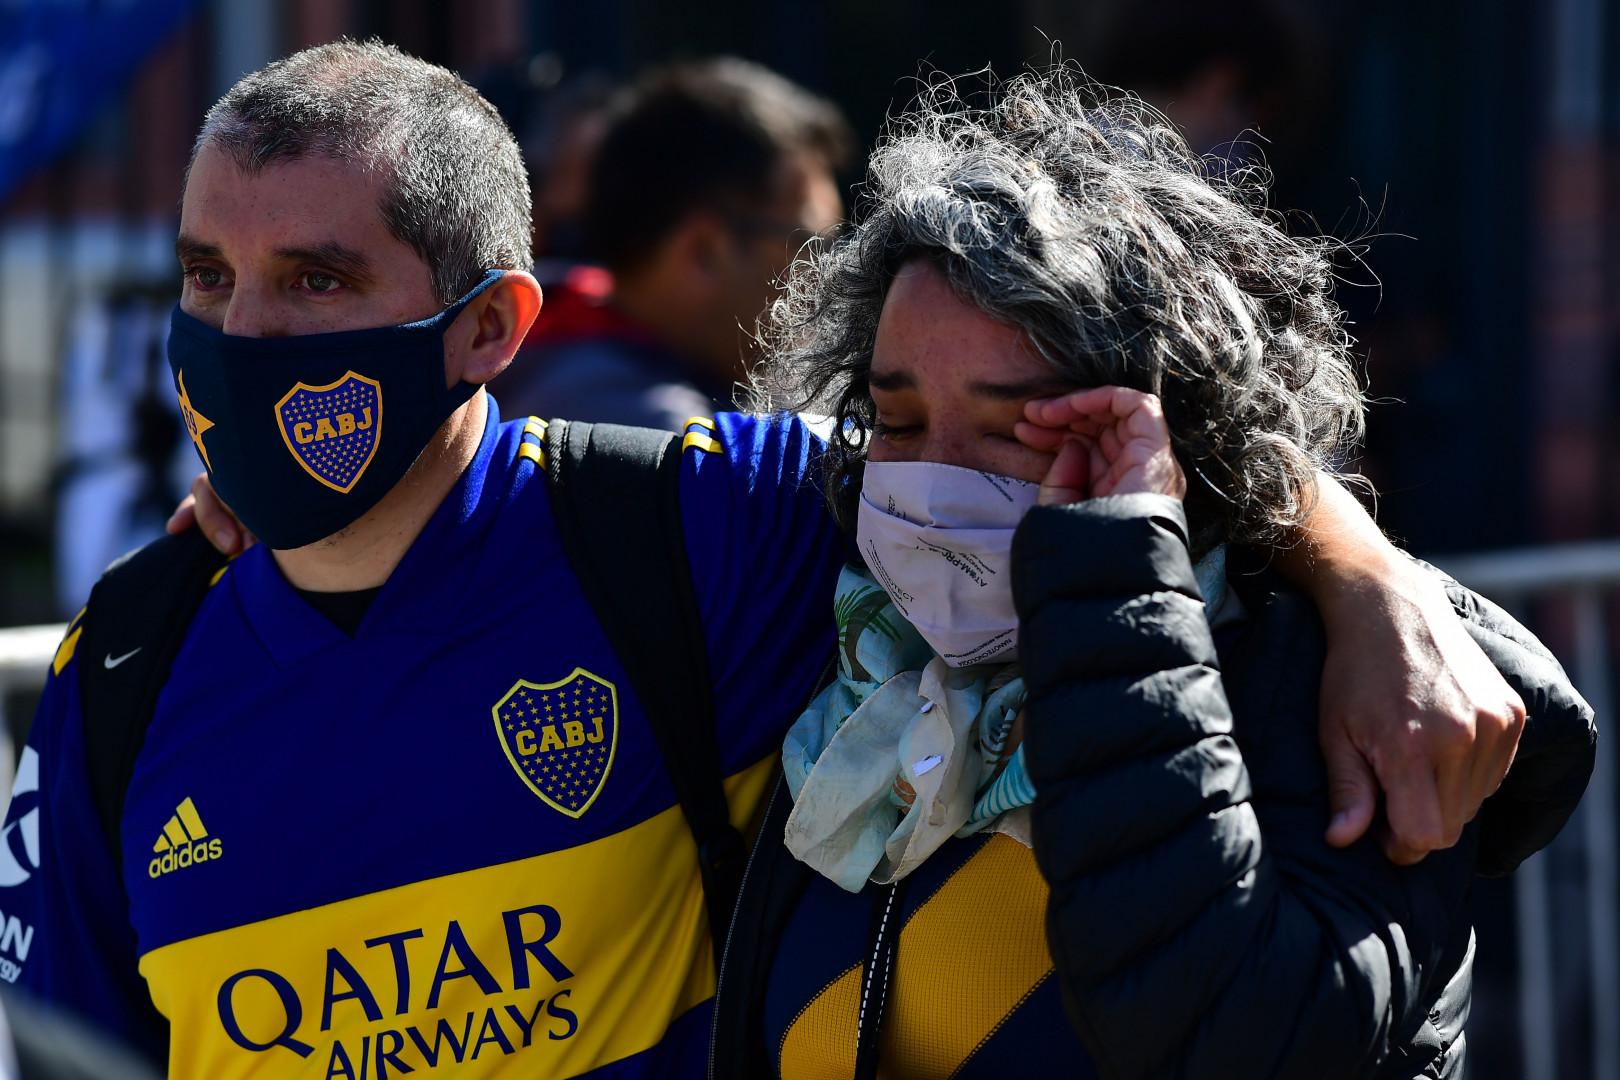 L'Argentine est endeuillée par la perte d'un de ses plus grands joueurs, devenu une icône populaire.